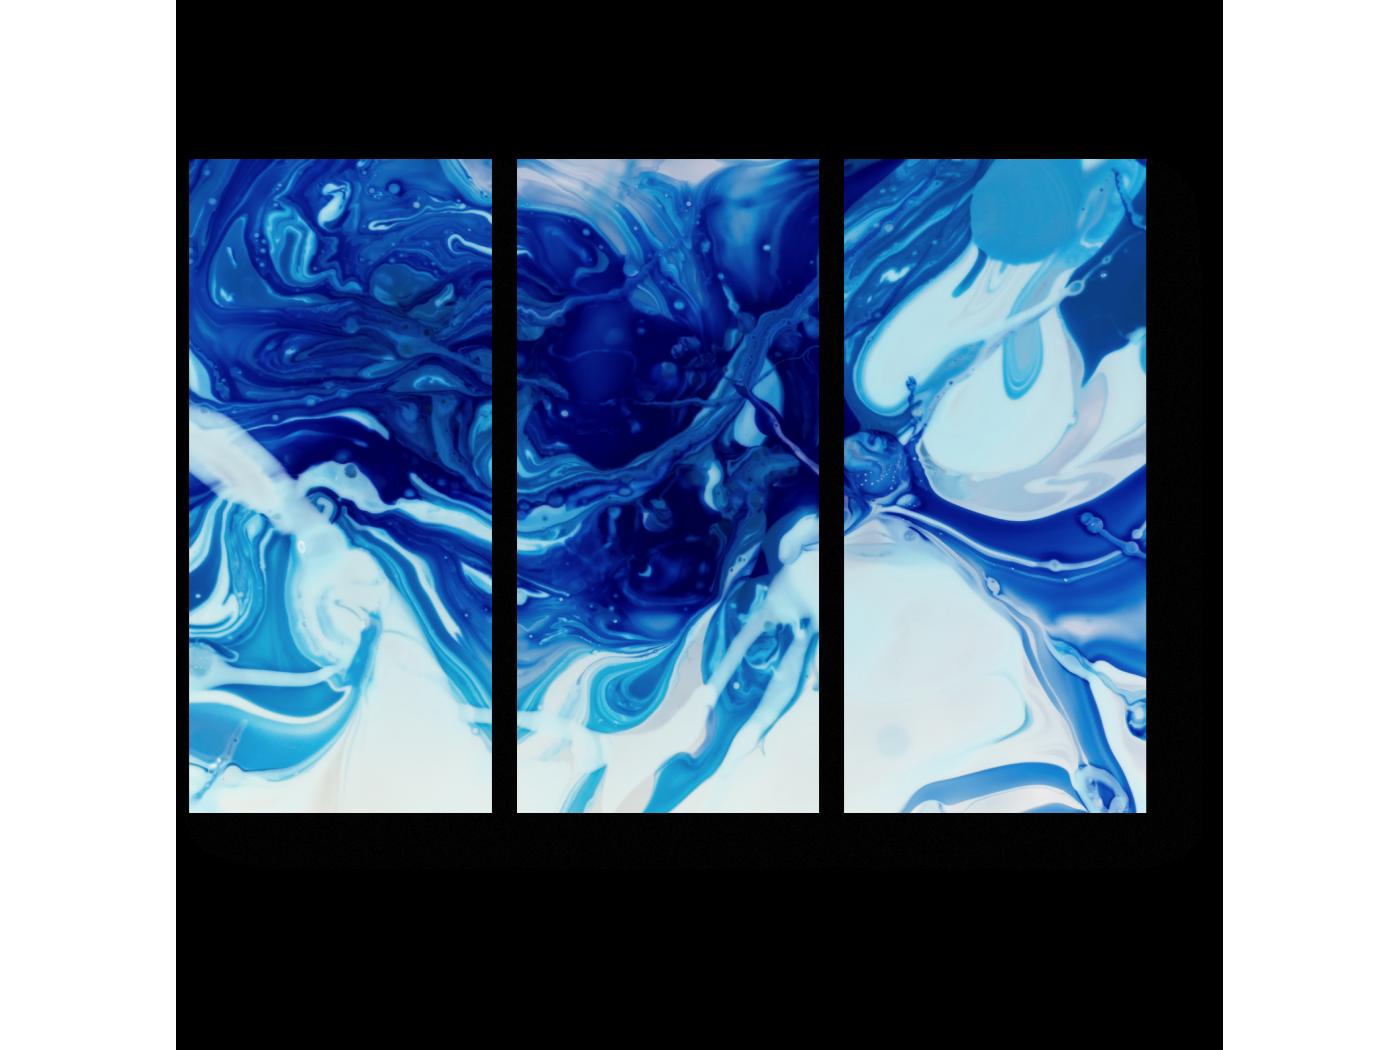 Модульная картина Текучесть и изменчивость (60x43) фото